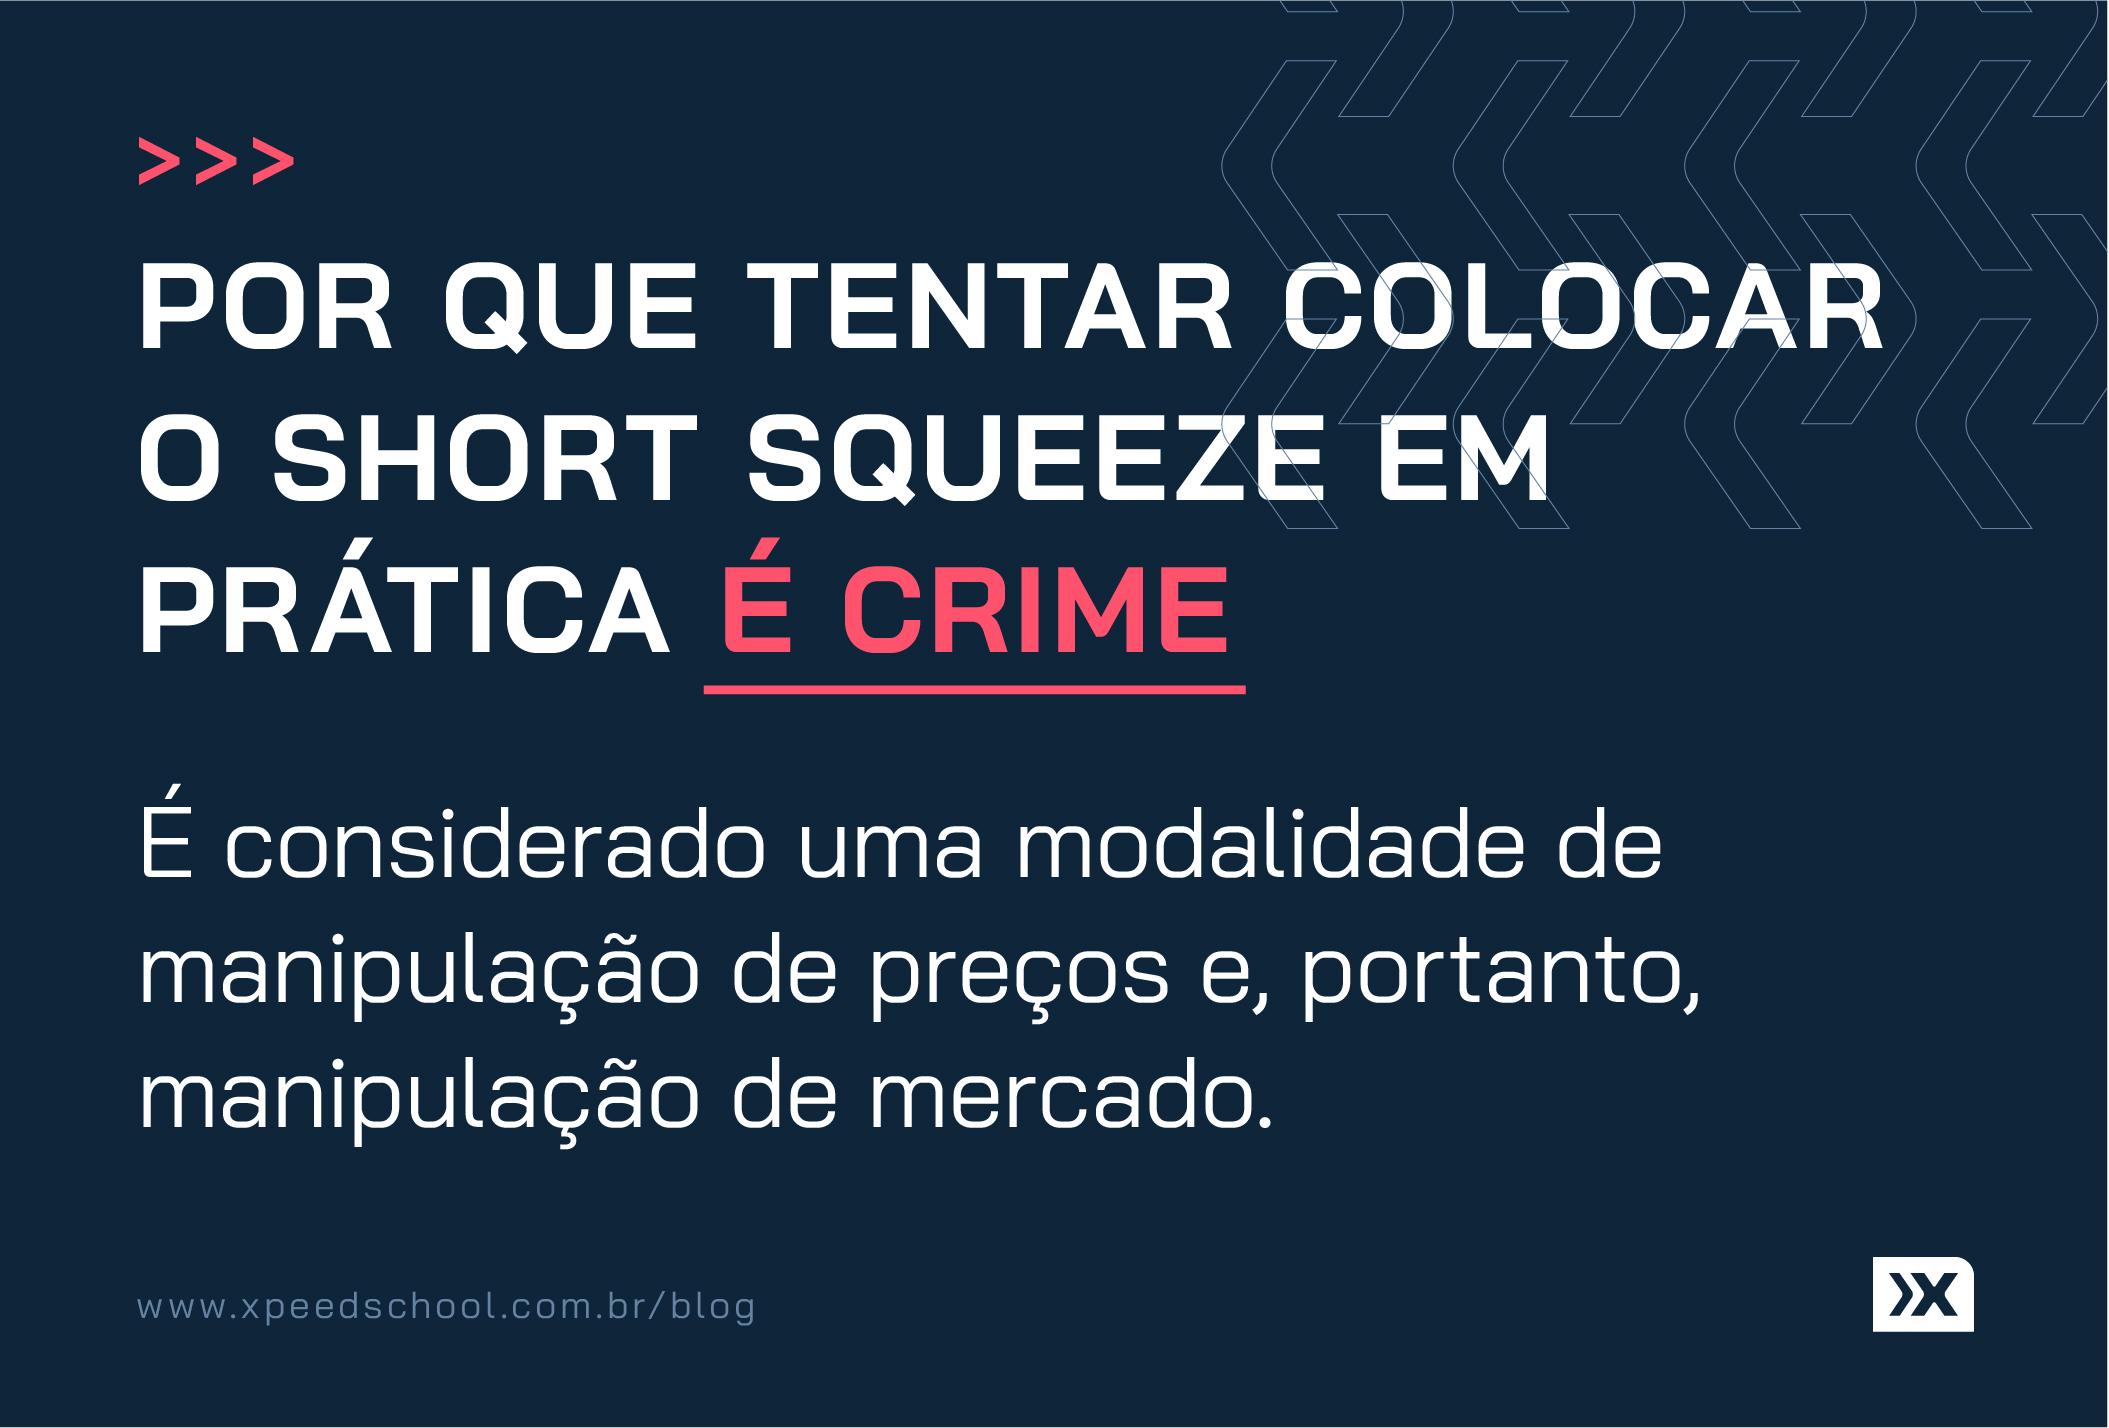 Por que tentar colocar o short squeeze em prática é crime